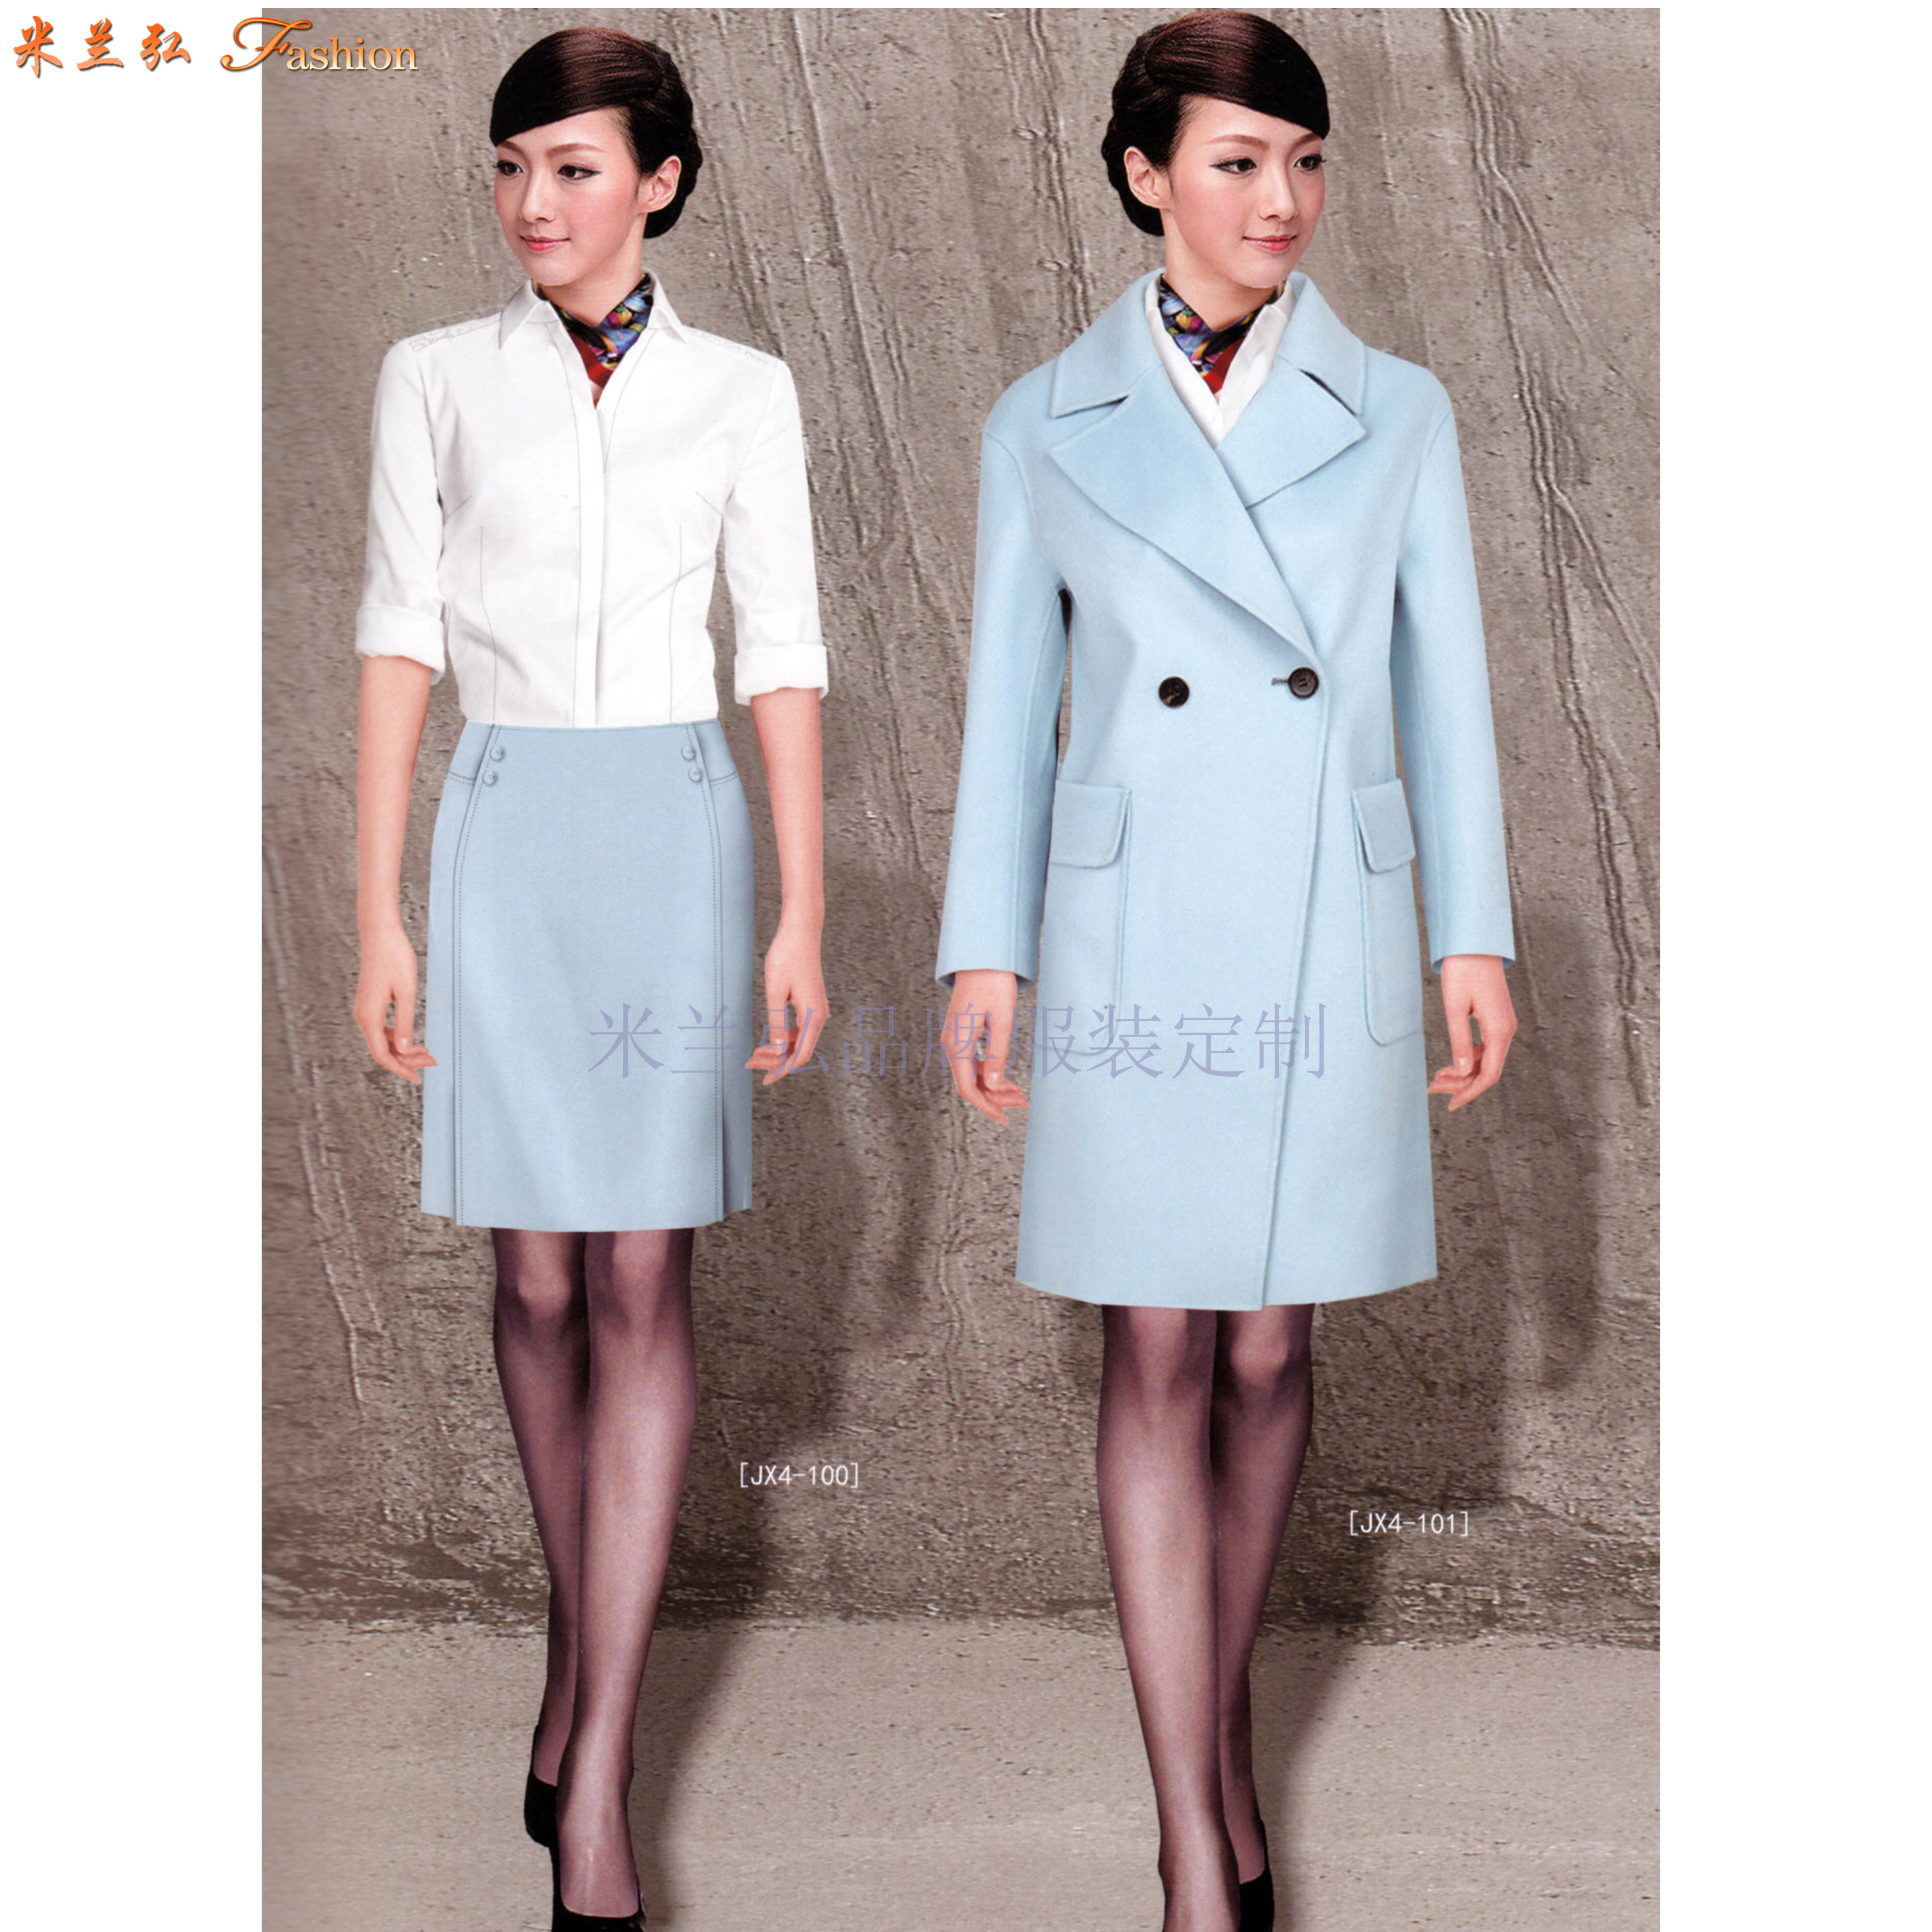 「德州大衣定制」「德州大衣訂做」推薦厚實暖和米蘭弘服裝-5